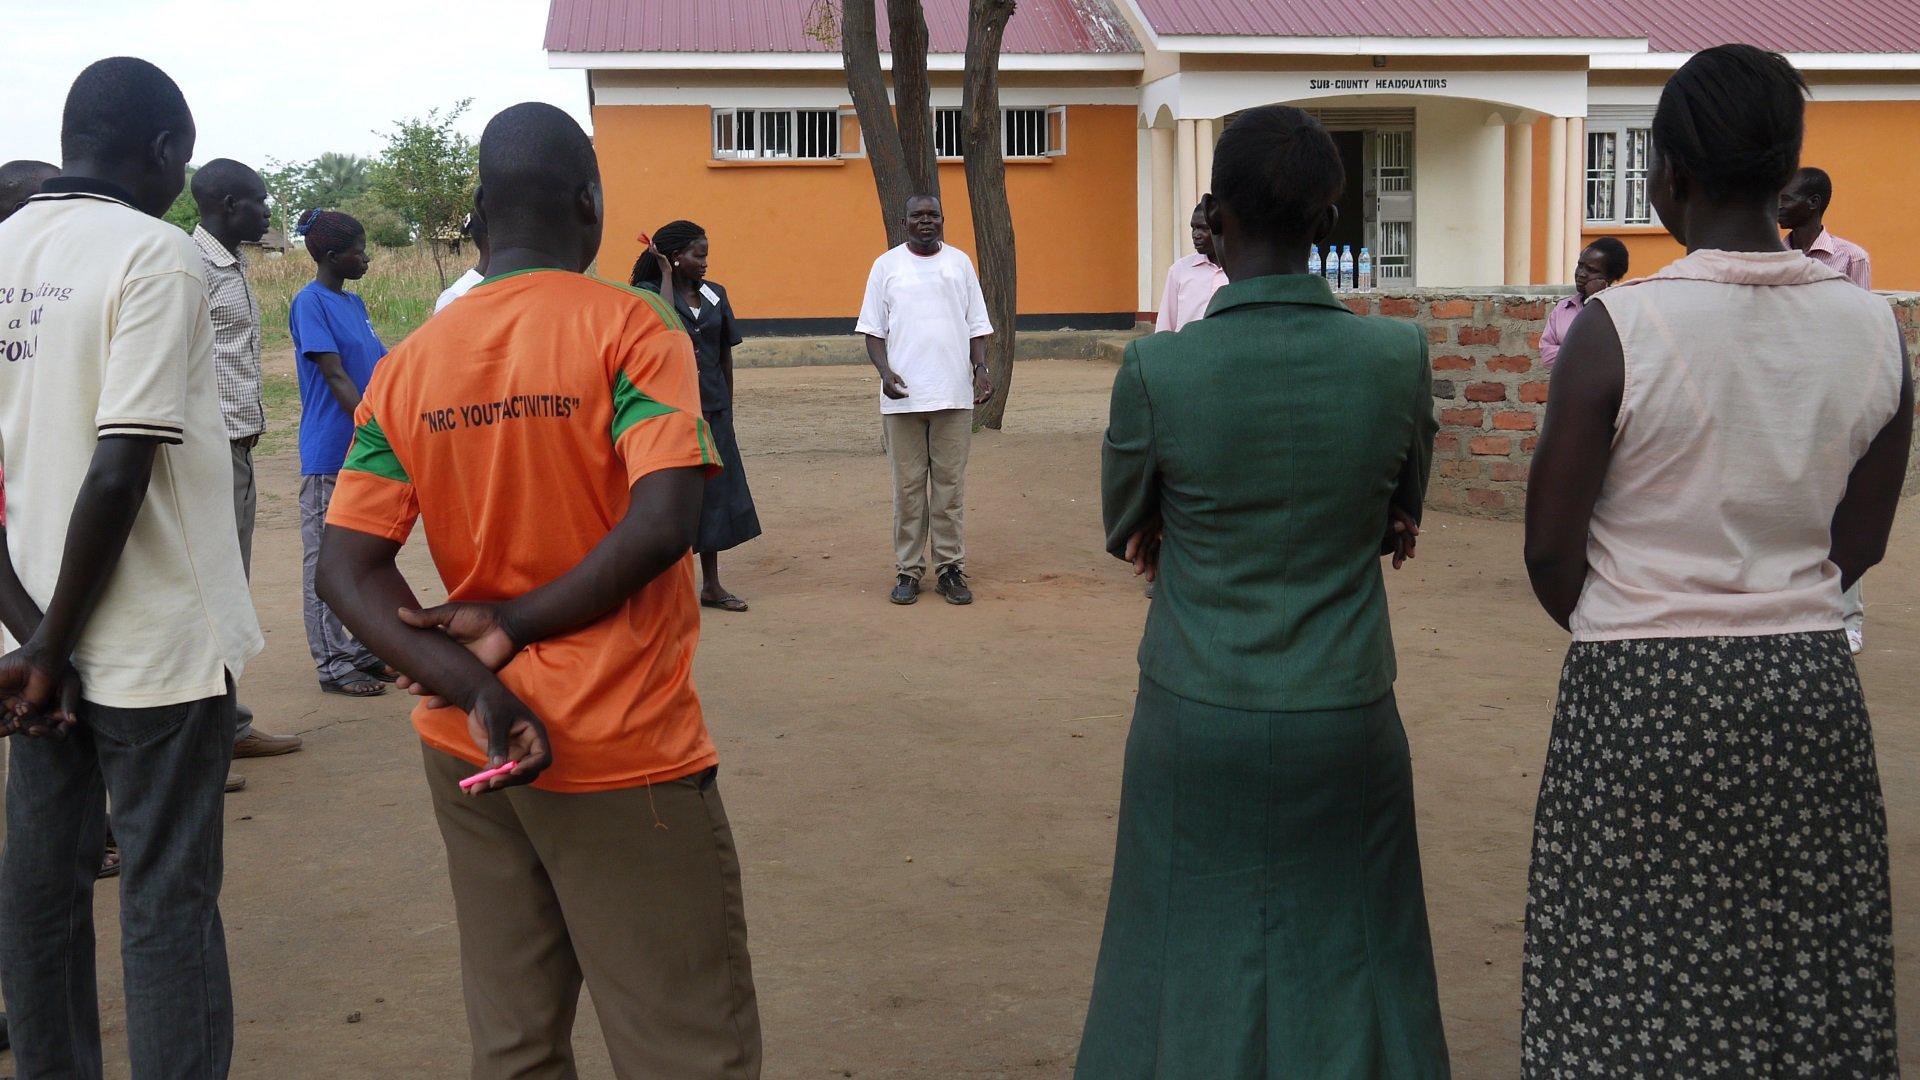 Robert - Uganda - Image 1 - Web Hero.jpg